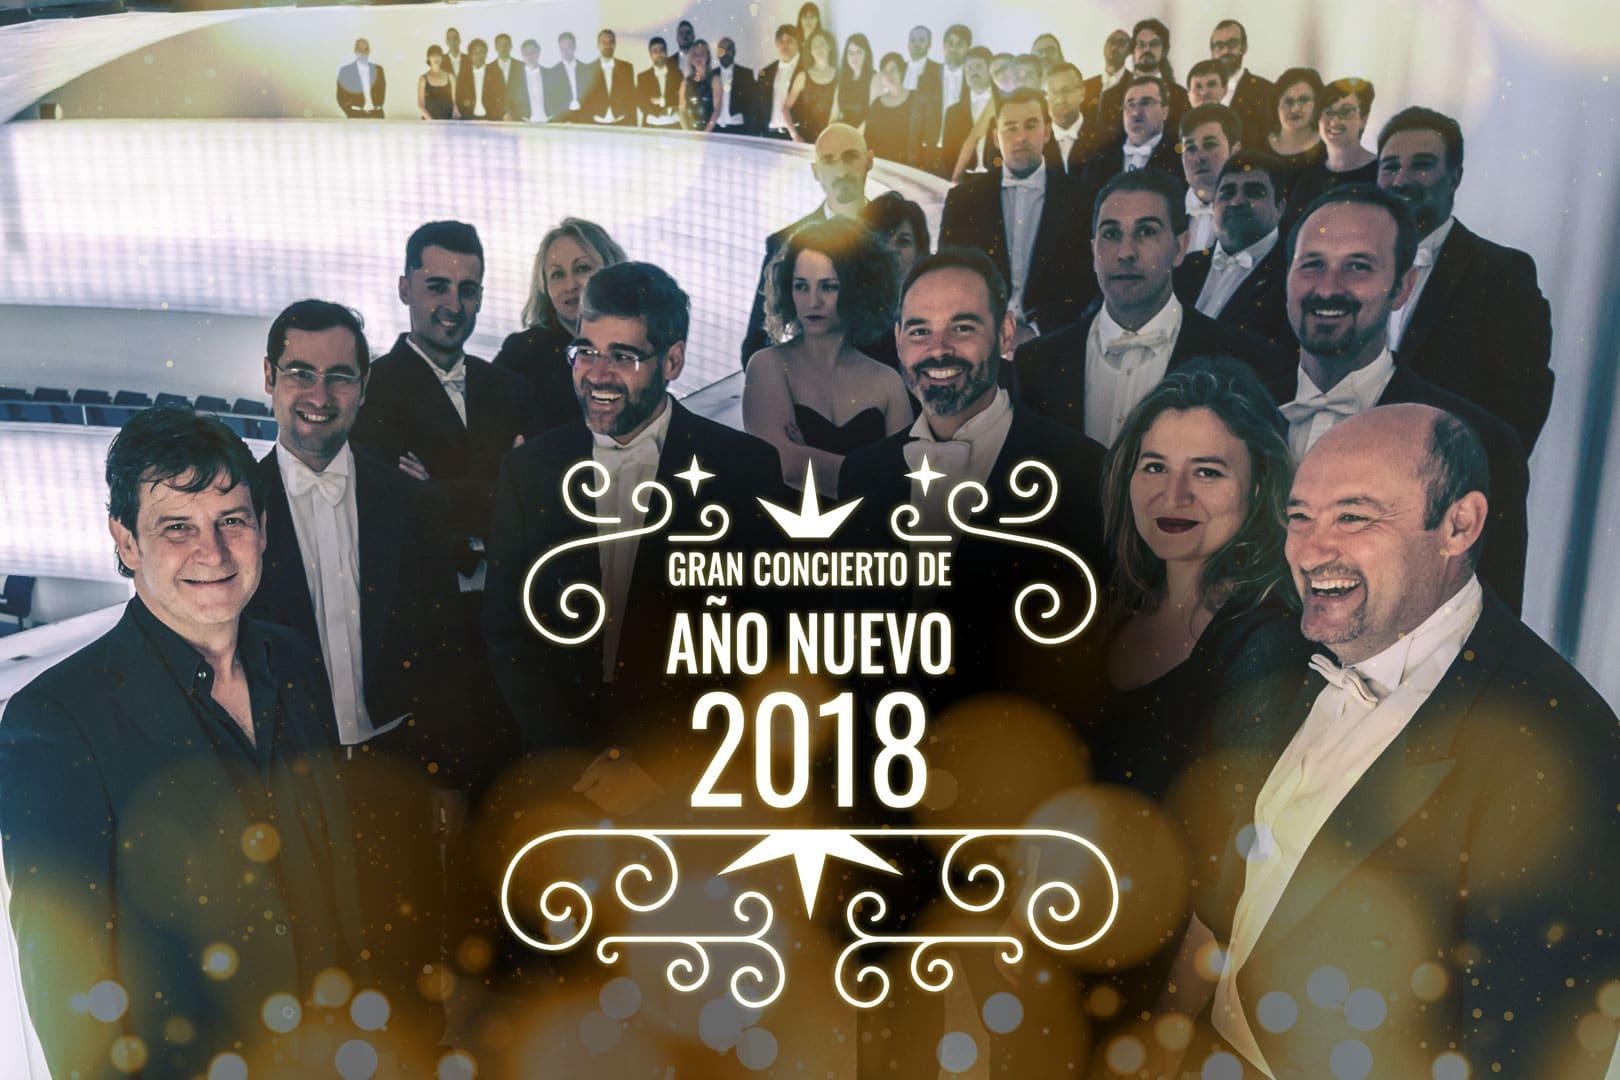 Concierto de Año Nuevo 2018, en Cáceres por primera vez